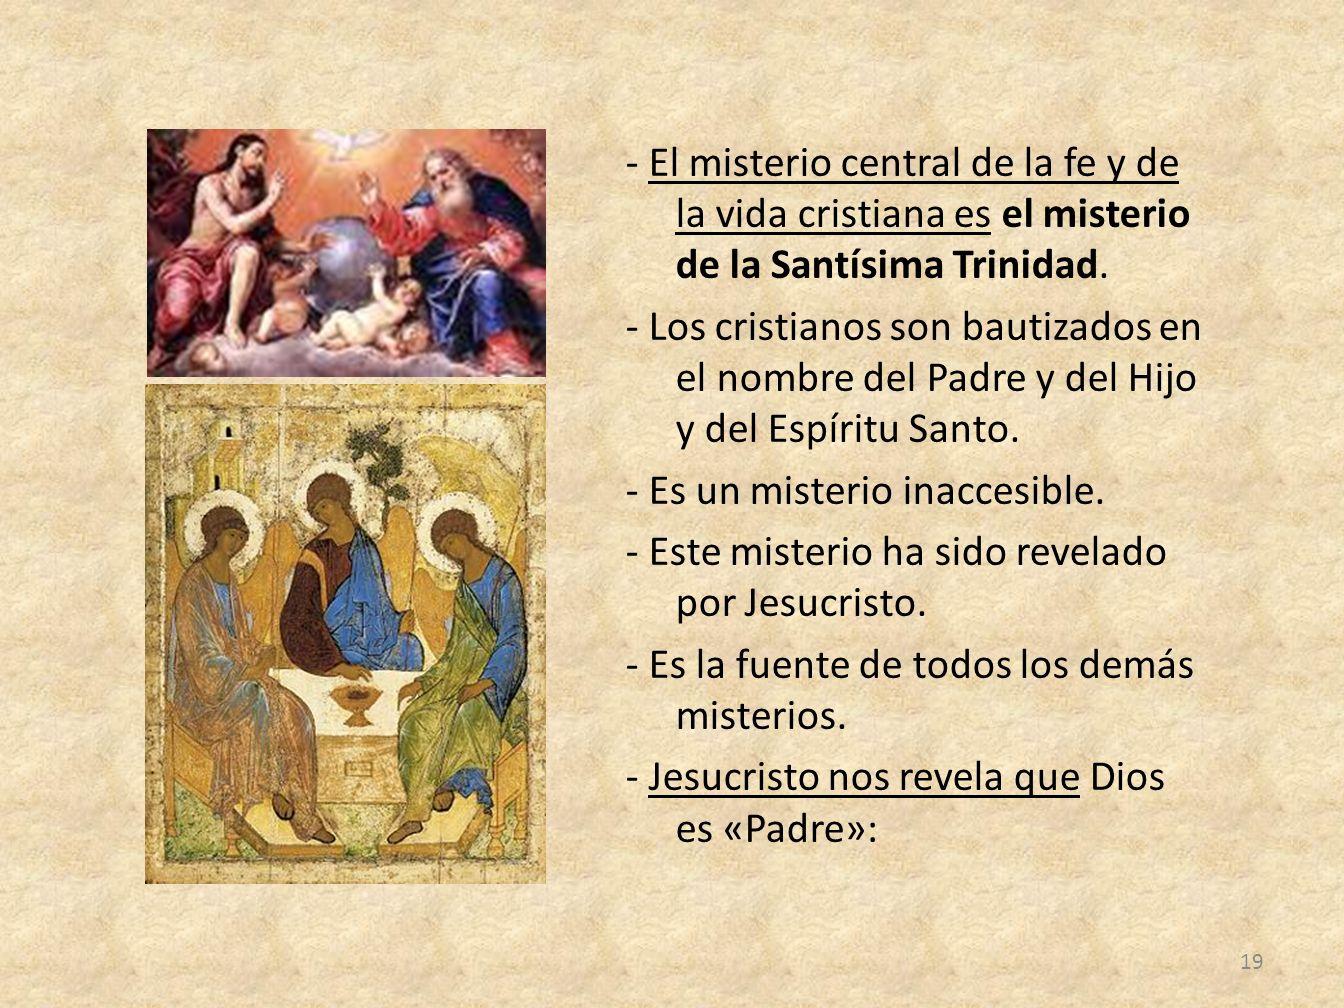 - El misterio central de la fe y de la vida cristiana es el misterio de la Santísima Trinidad.